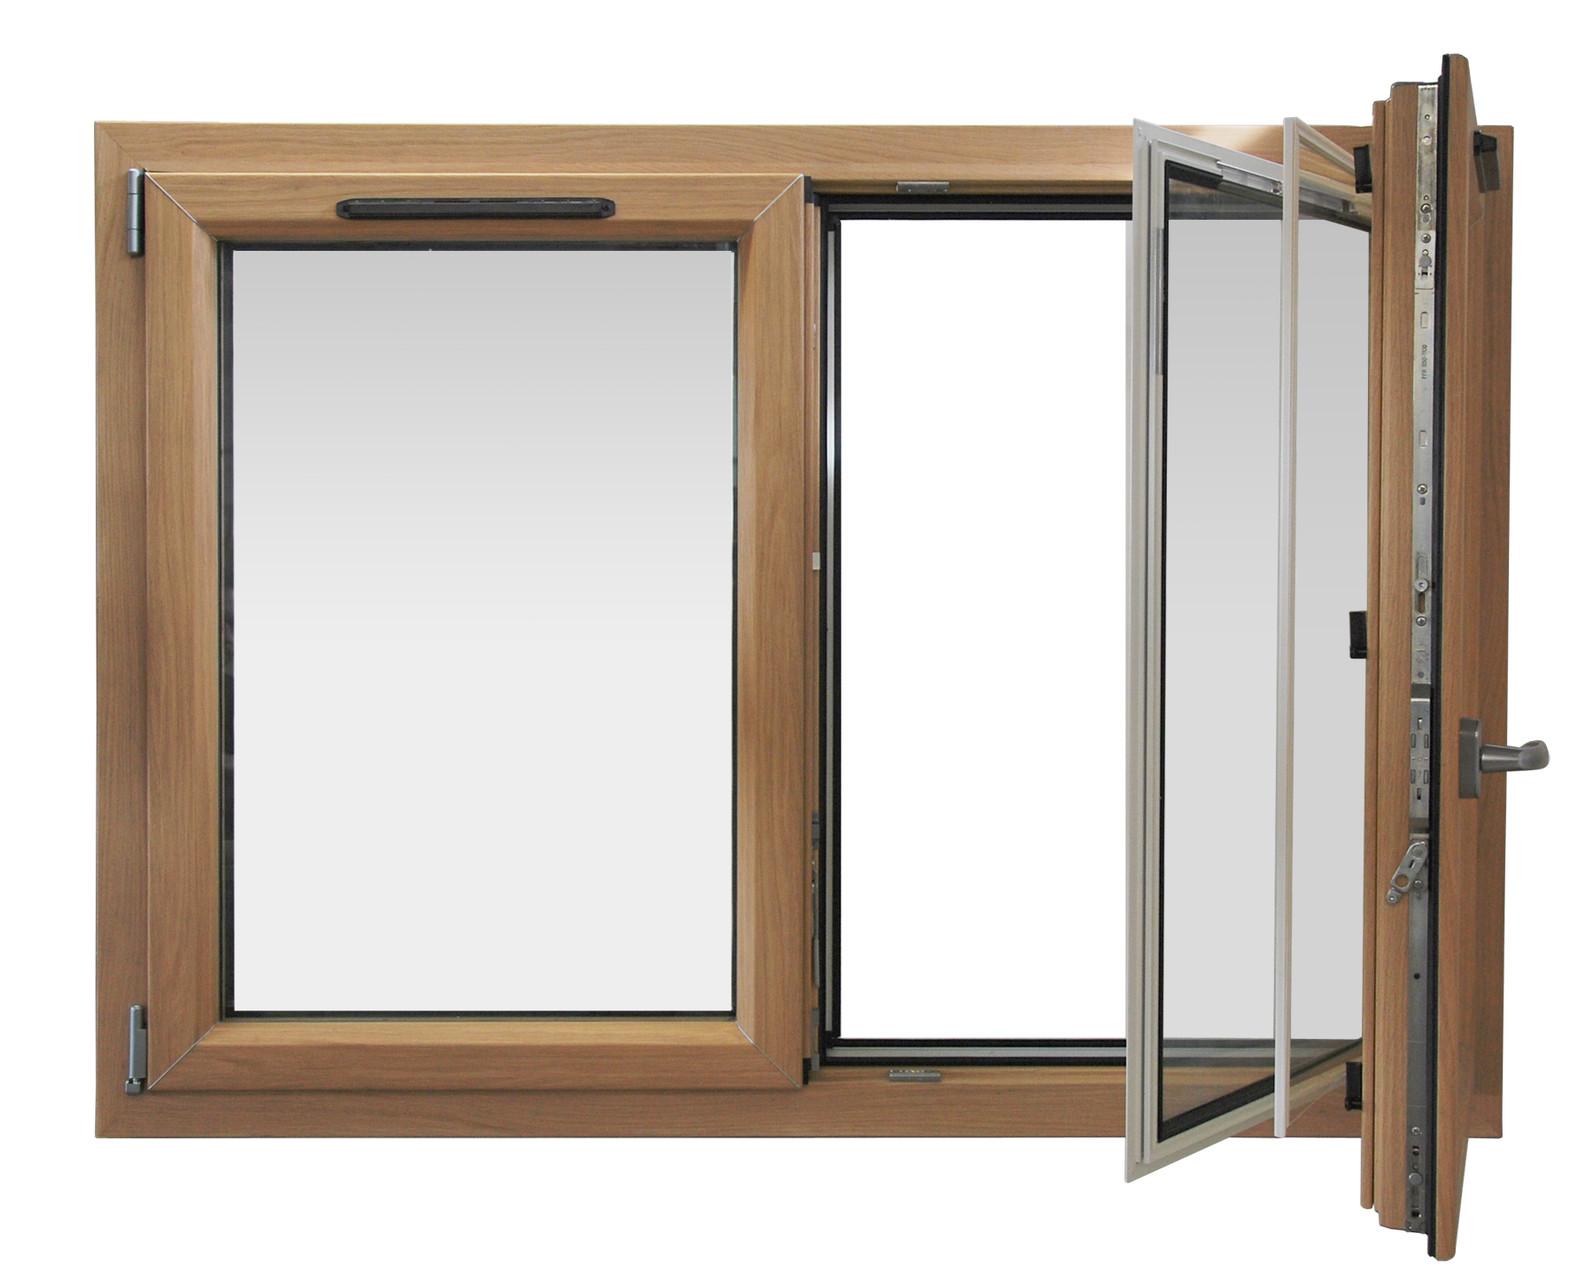 gamme bois alu fabricant de fen tres pari todynamiques thermiques et conomiques. Black Bedroom Furniture Sets. Home Design Ideas